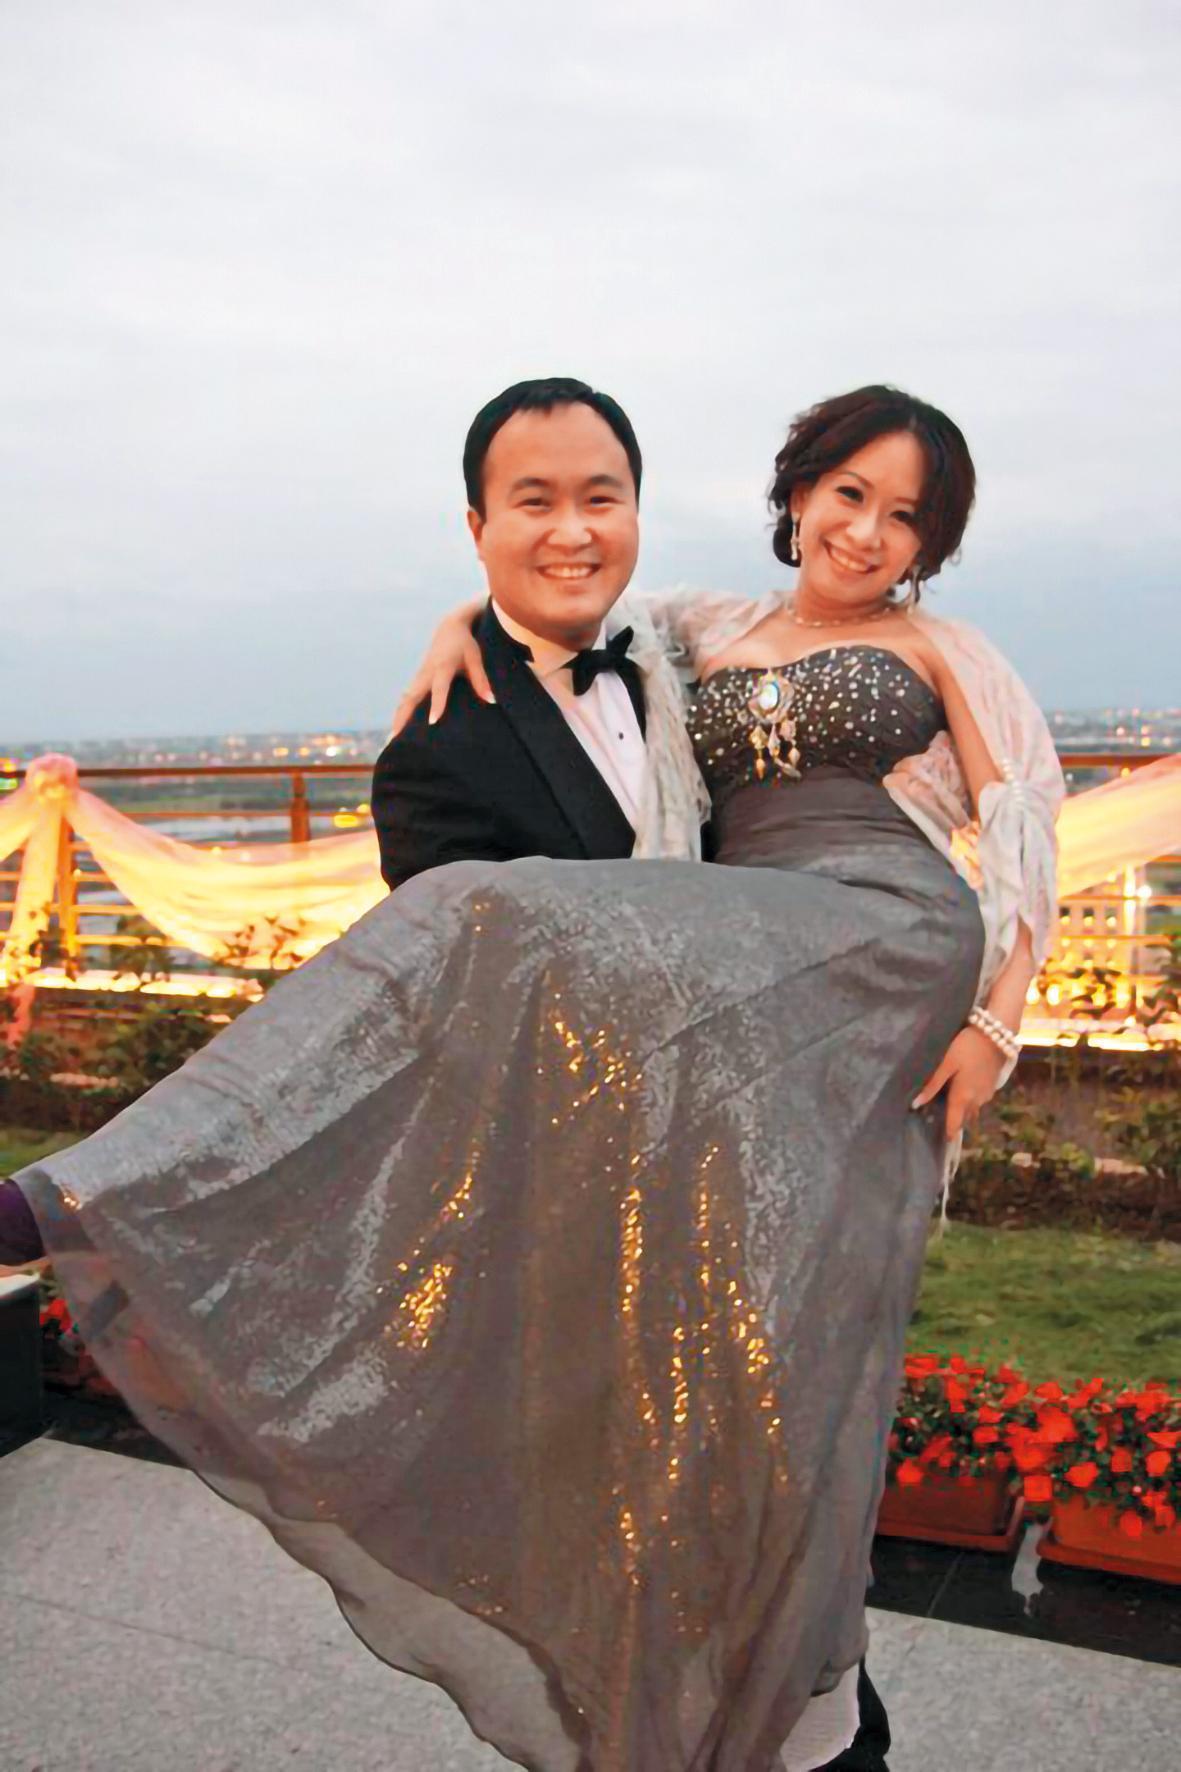 元祖食品大少東張乙濤(左)與藍婉綺(右)於2006年結婚、育有3名子女,但台北地院已於2016年3月間判准雙方離婚。(翻攝自張乙濤臉書)